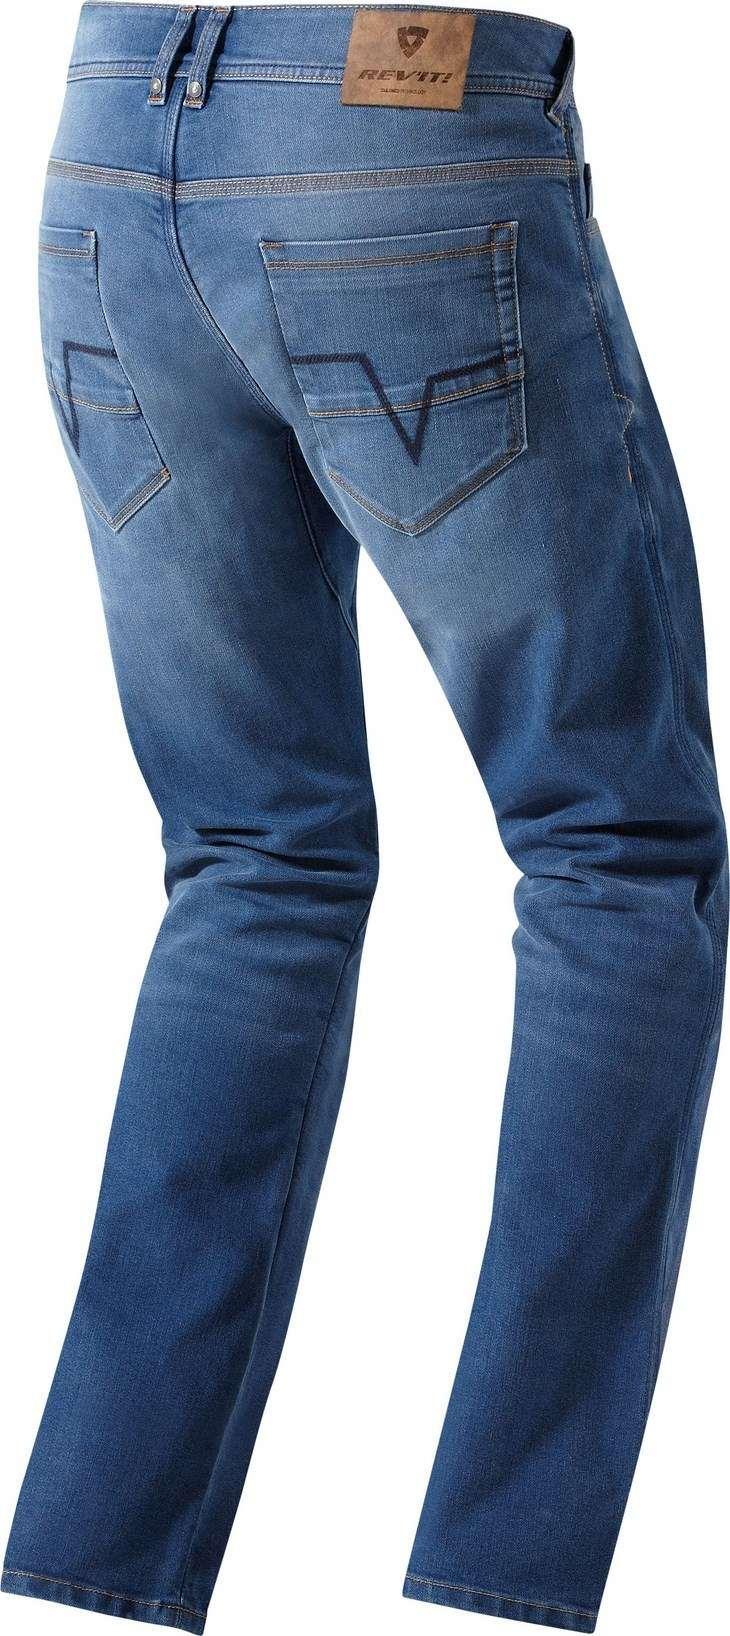 Motion Rev'It Jeans Jersey Light Blue L32